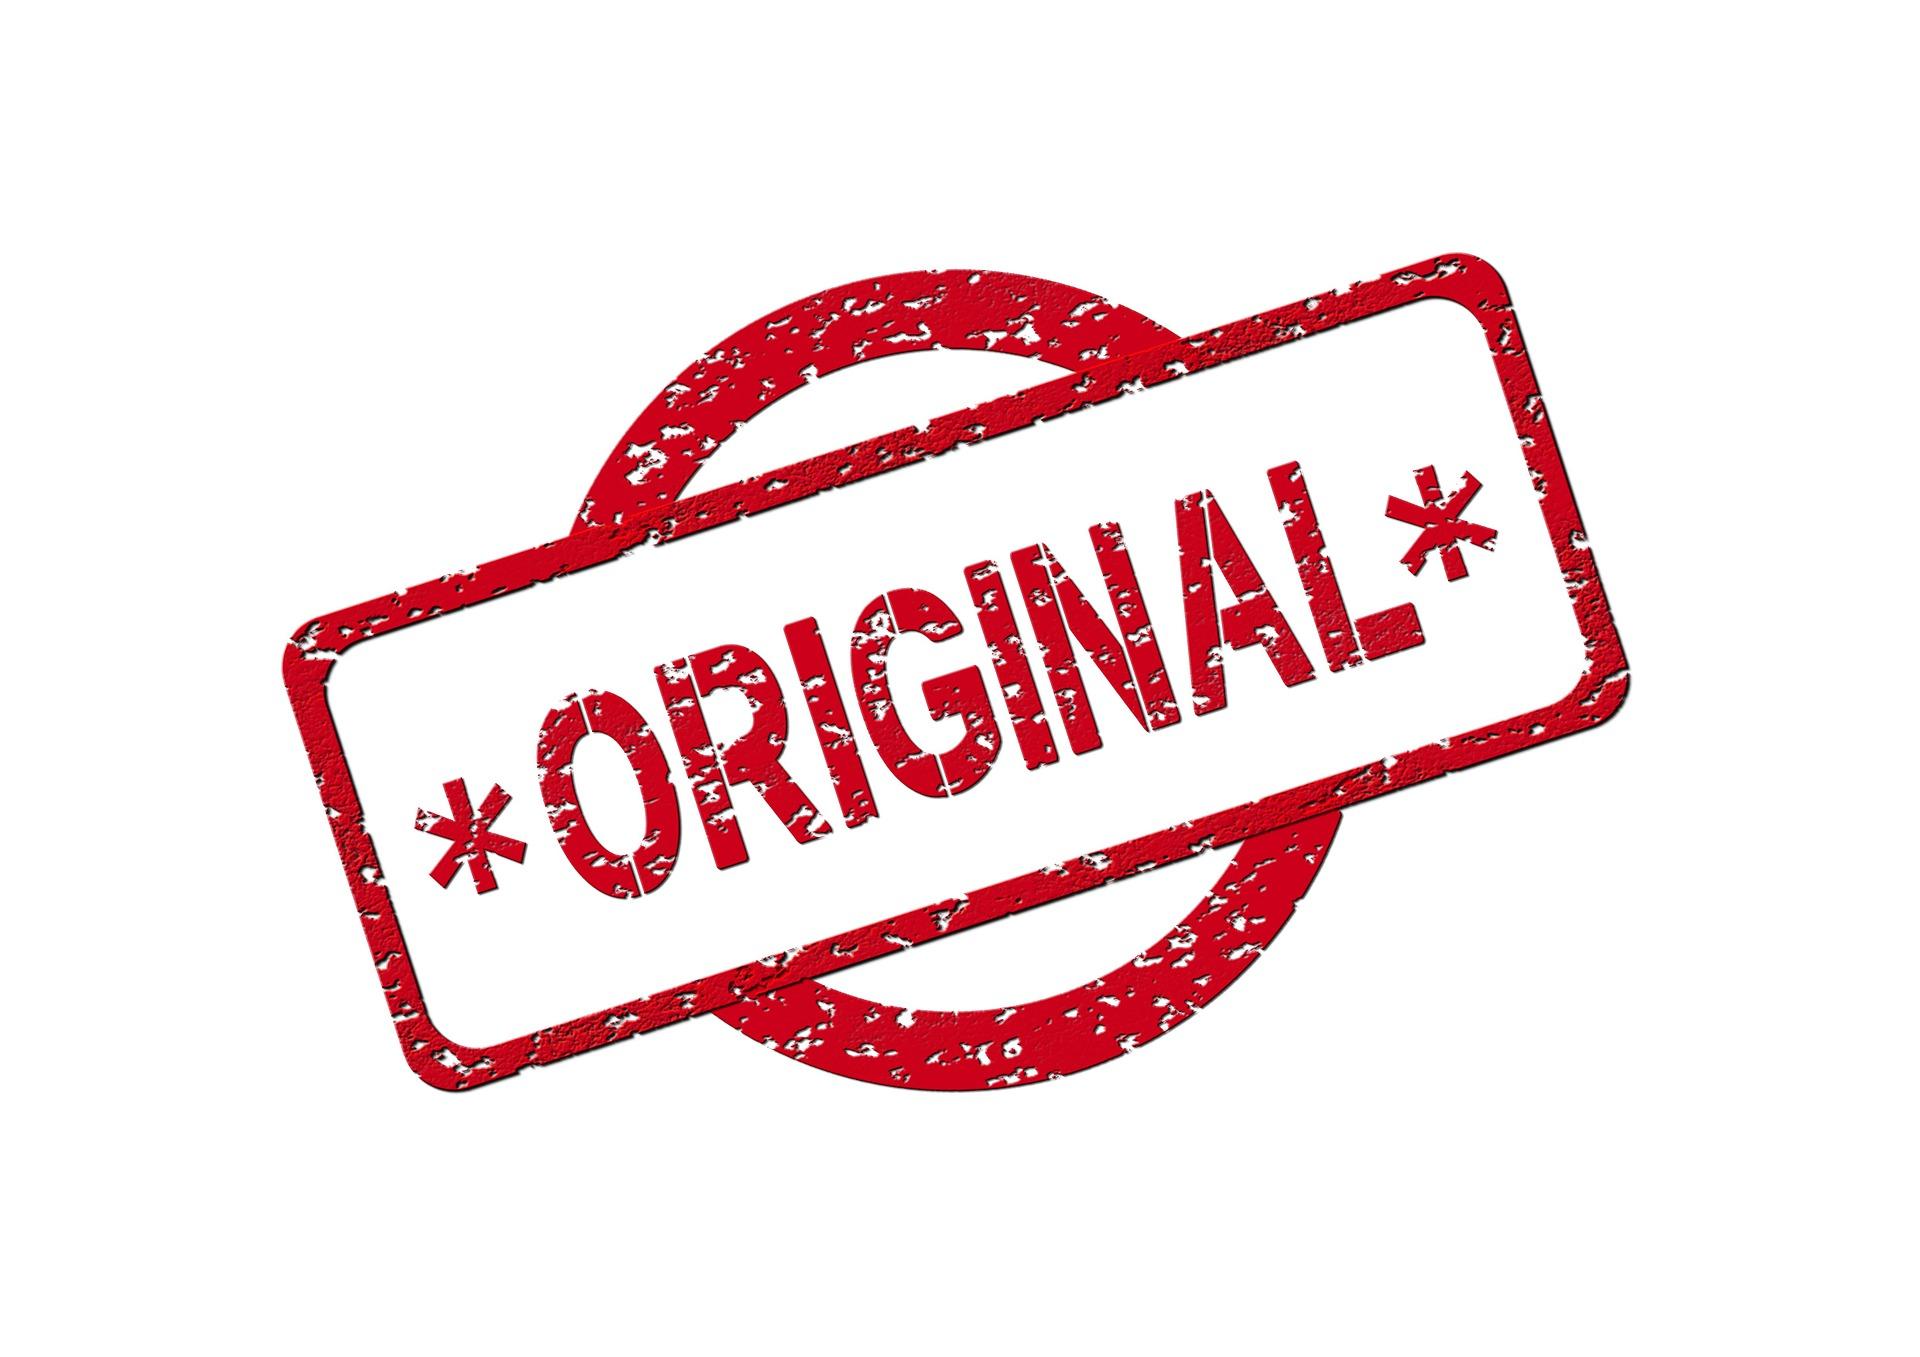 הגנה על יצירה או שם – על זכויות יוצרים ליזמים חדשים